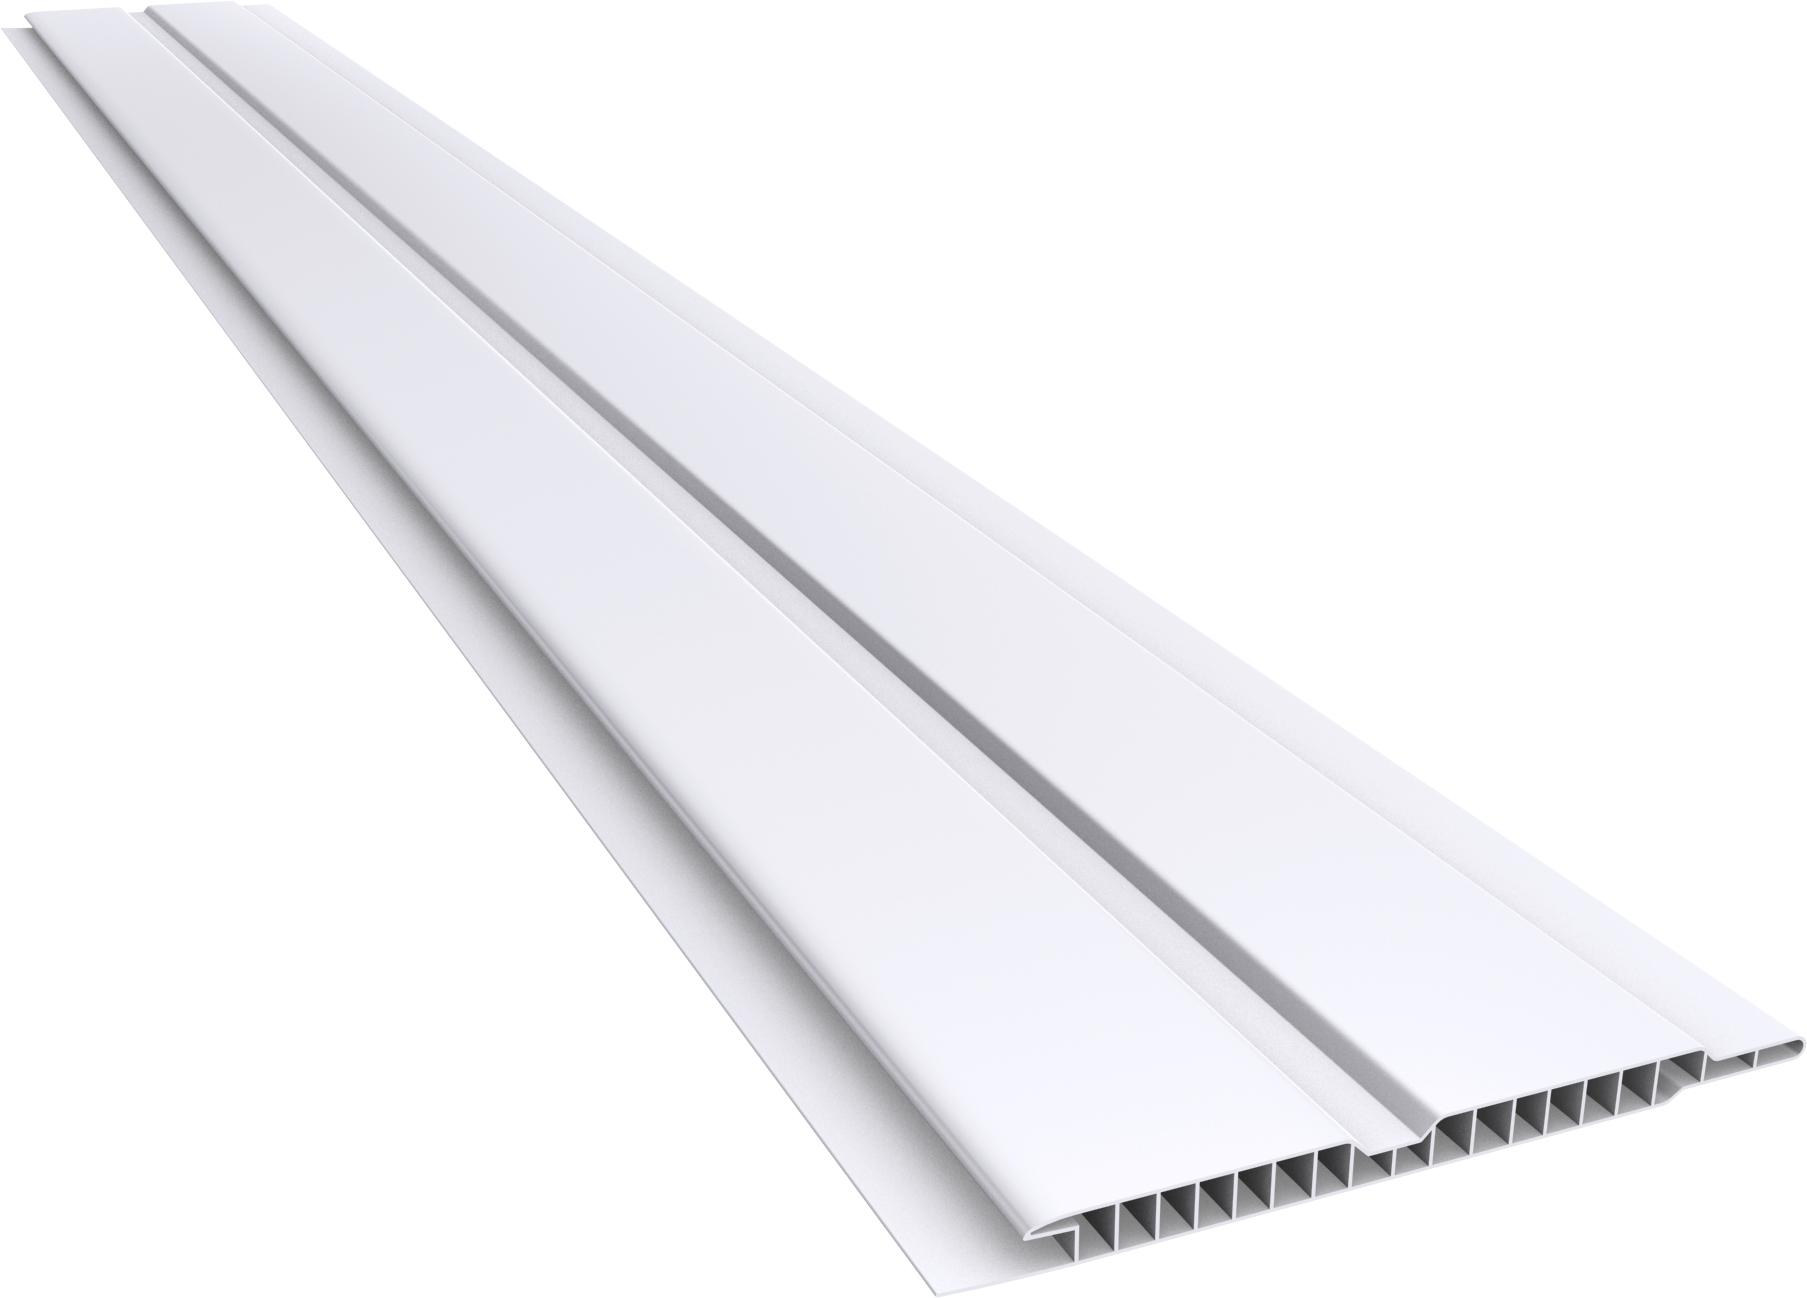 Forro PVC 100 Canelado 7mm